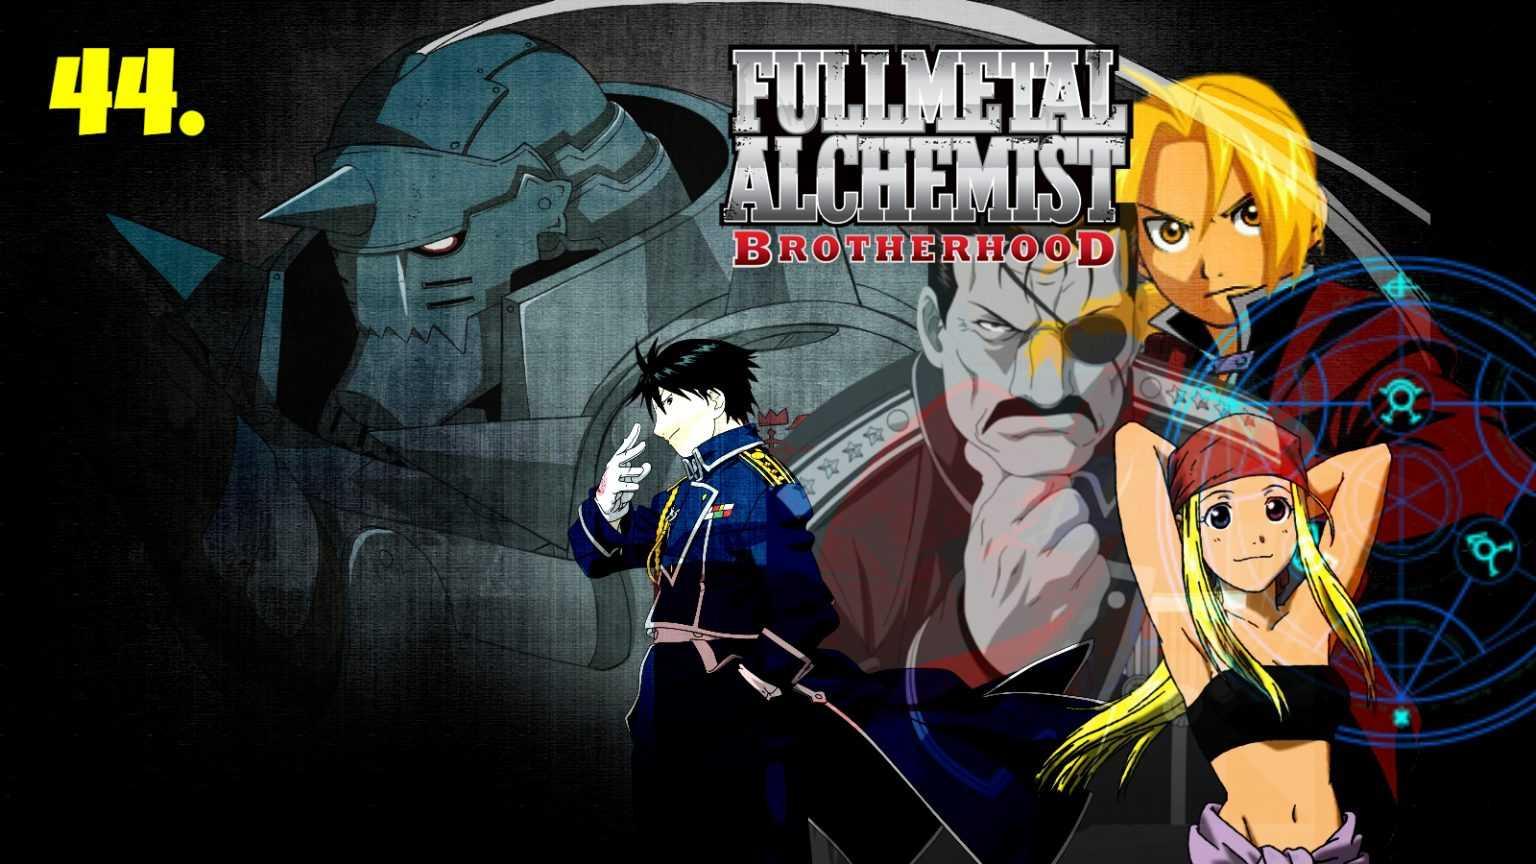 Fullmetal-Alchemist-Brotherhood